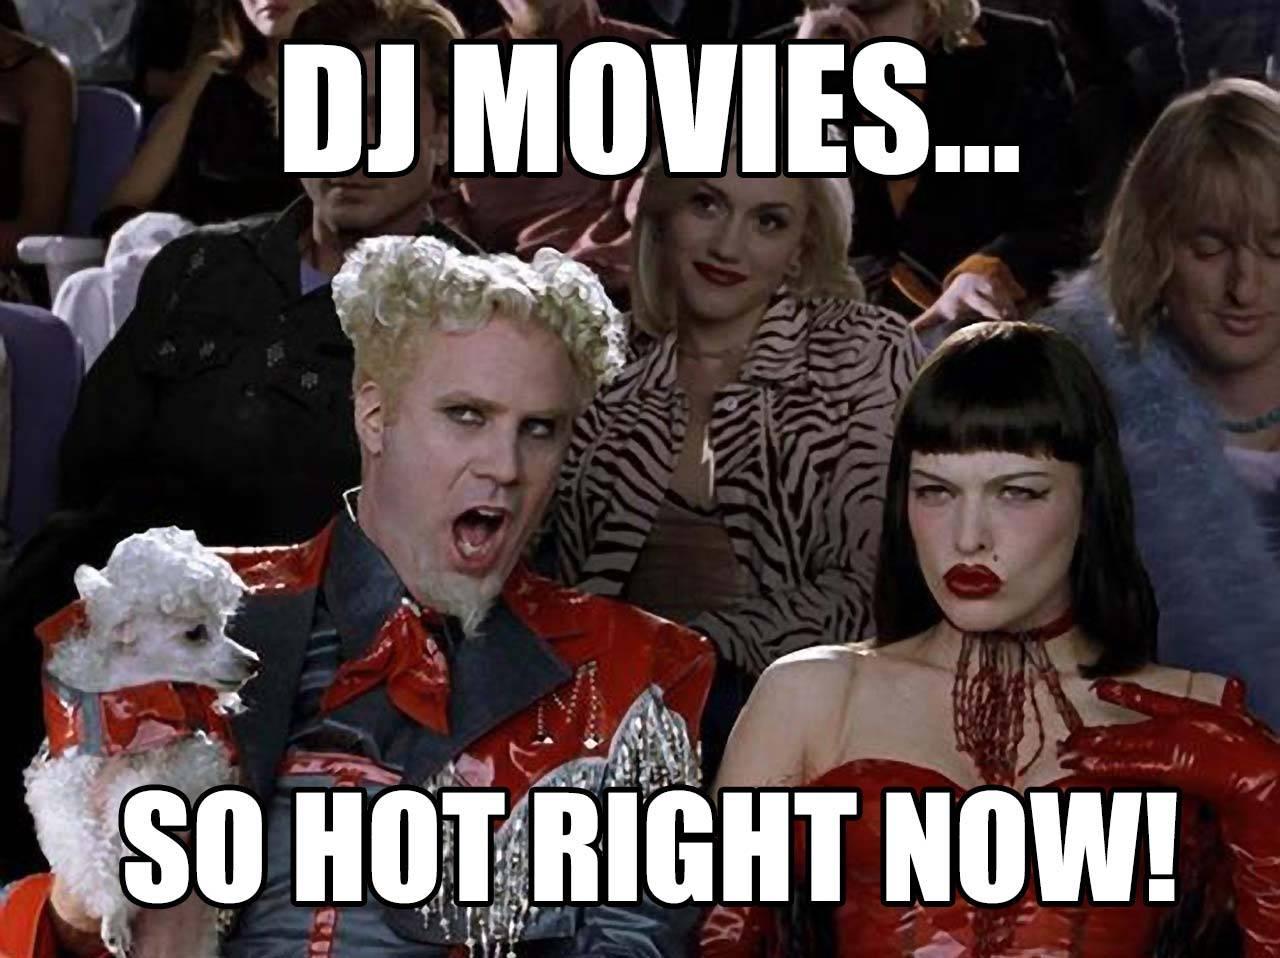 DJ movies